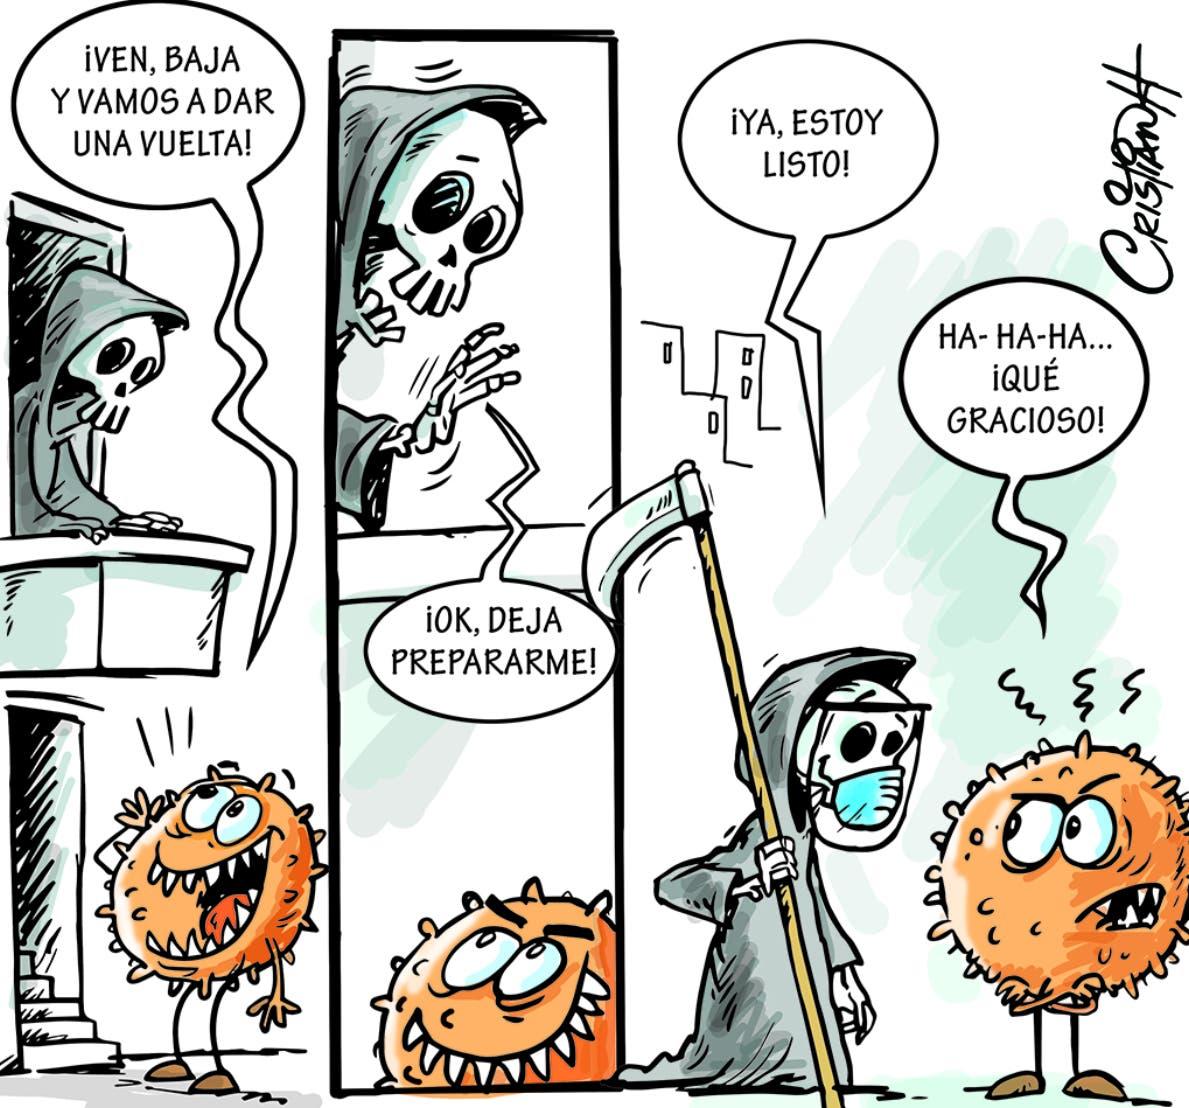 Caricatura Cristian Caricaturas – El Día, 17 de Noviembre, 2020